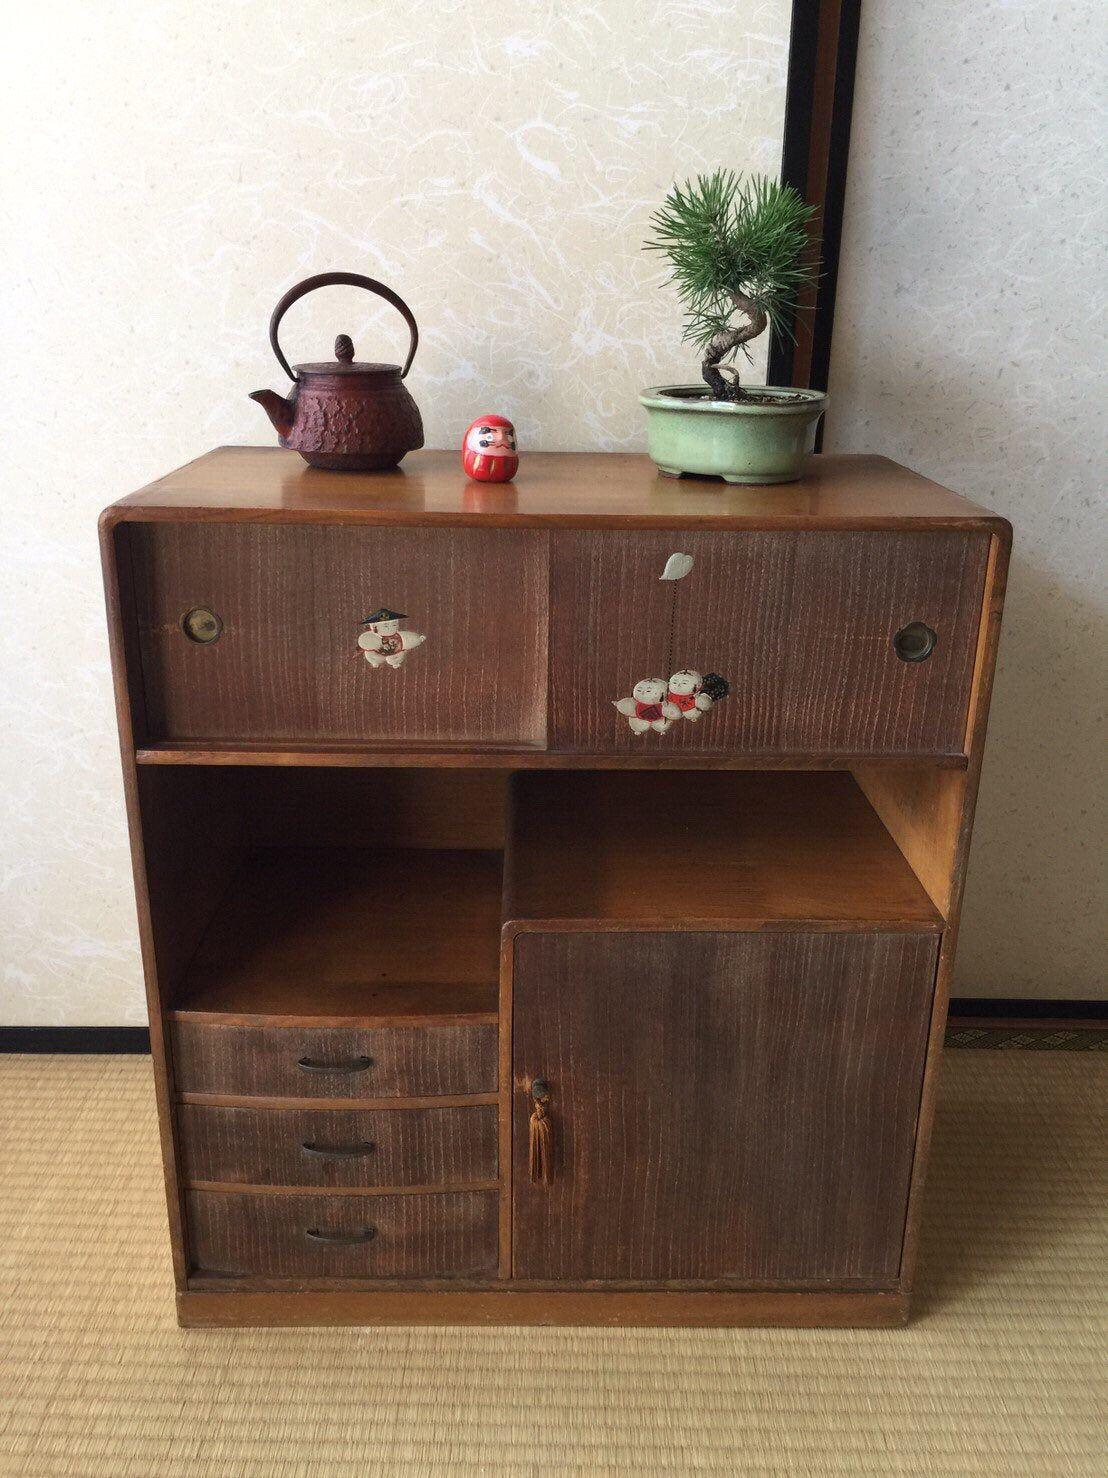 J Ai Le Plaisir De Vous Presenter Cet Article De Ma Boutique Etsy Japanese Wood Furniture Wood Chest Kotansu Mobilier De Salon Meubles Japonais Meuble Bois